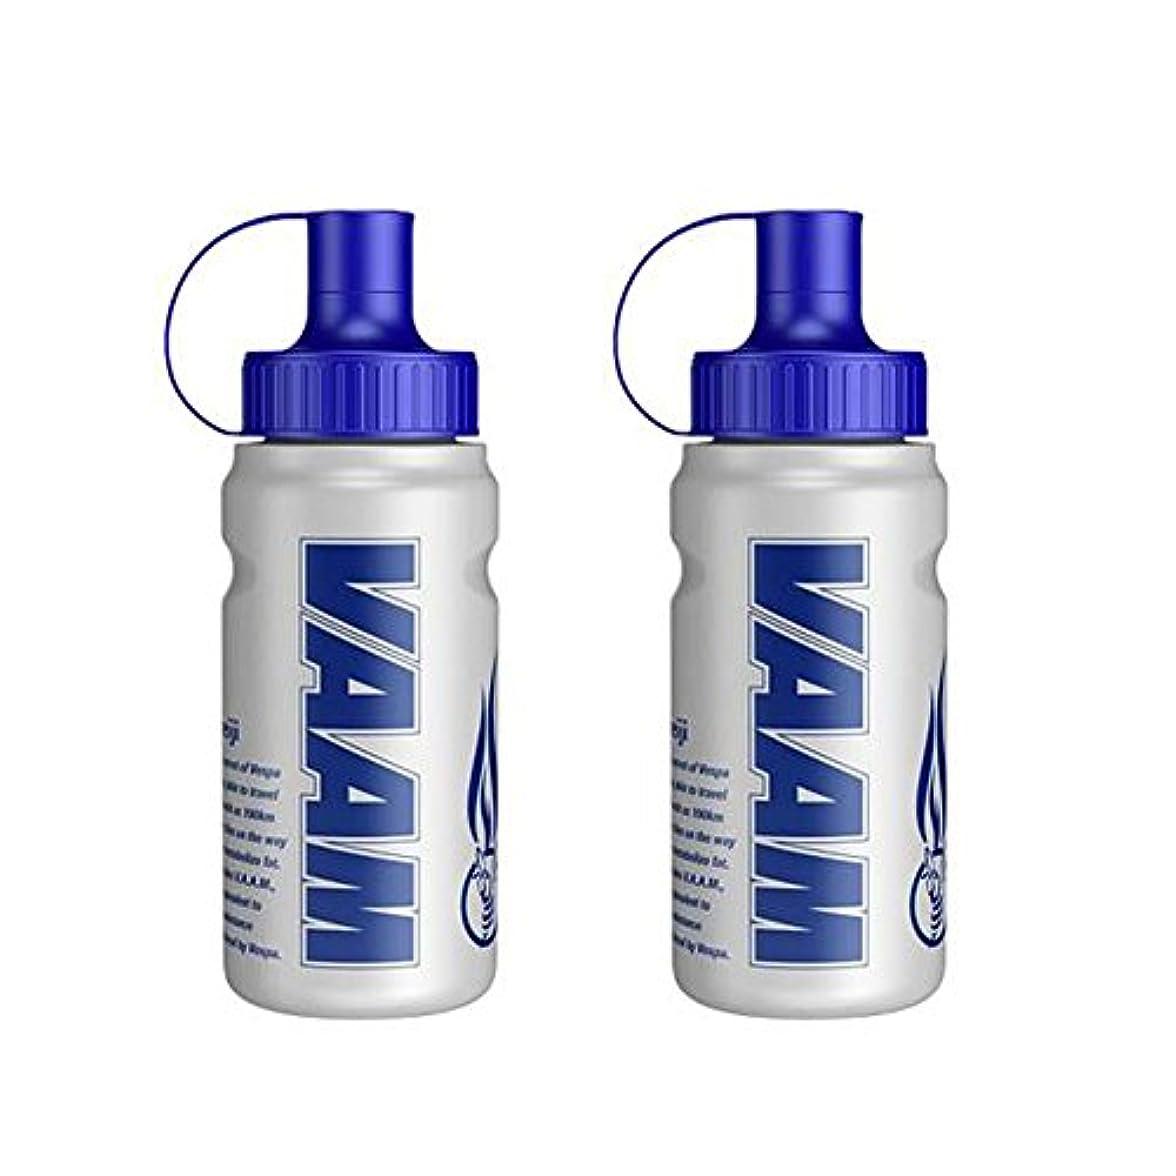 失う毒性故意にMGN(明治乳業) ヴァームスクイズボトル 500ml 2個セット 2650968-2SET